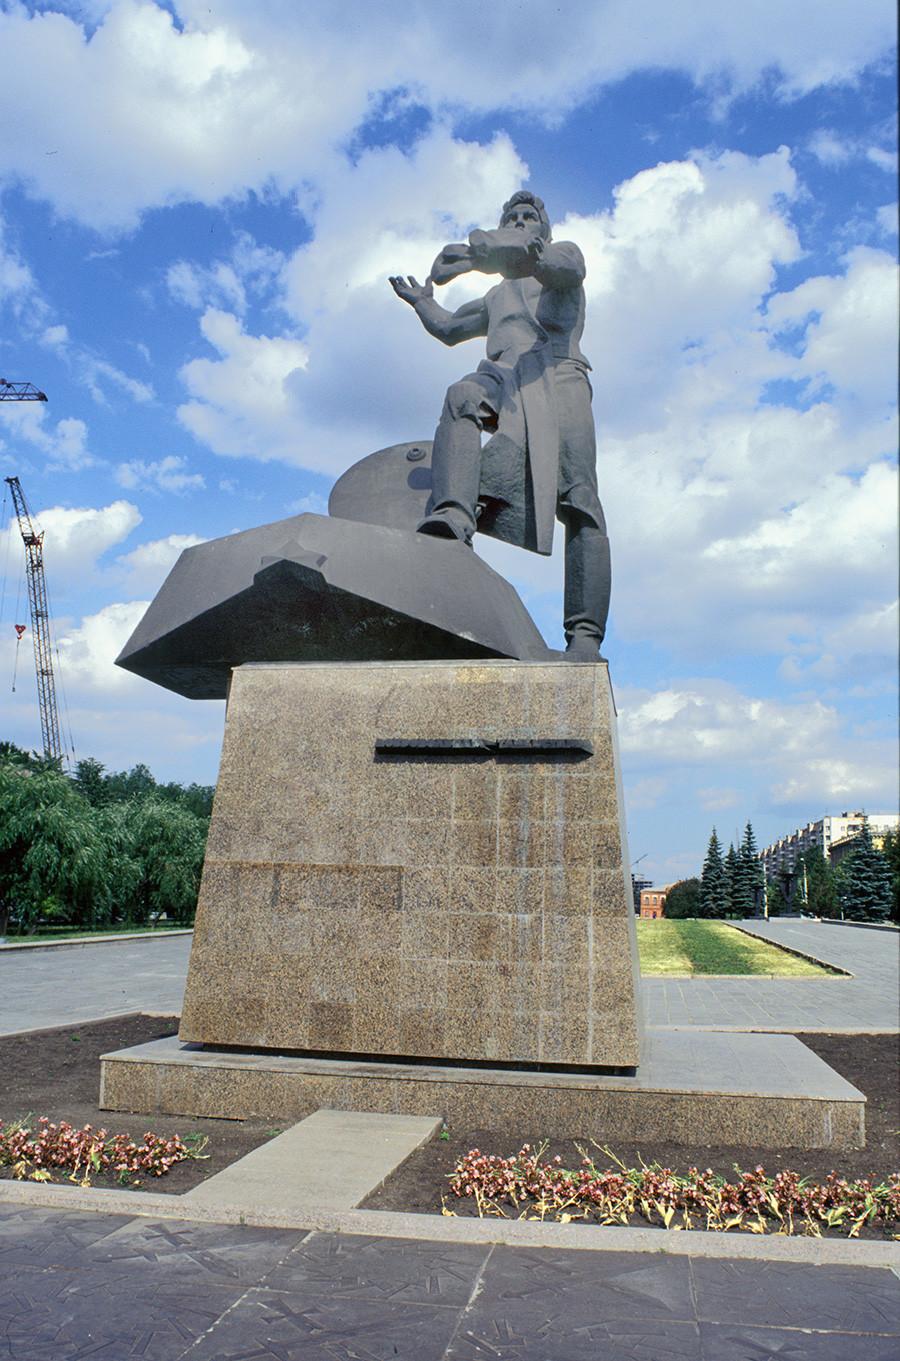 Spomenik prostovoljcem v Čeljabinsku, ki so se pridružili Uralskemu prostovoljnemu tankovskemu korpusu. Formirane leta 1943, so se tankovske čete borile od Orjola do Berlina. Kipar: Lev Golodnitski. Otvorjen maja 1975. 13. julij 2003.